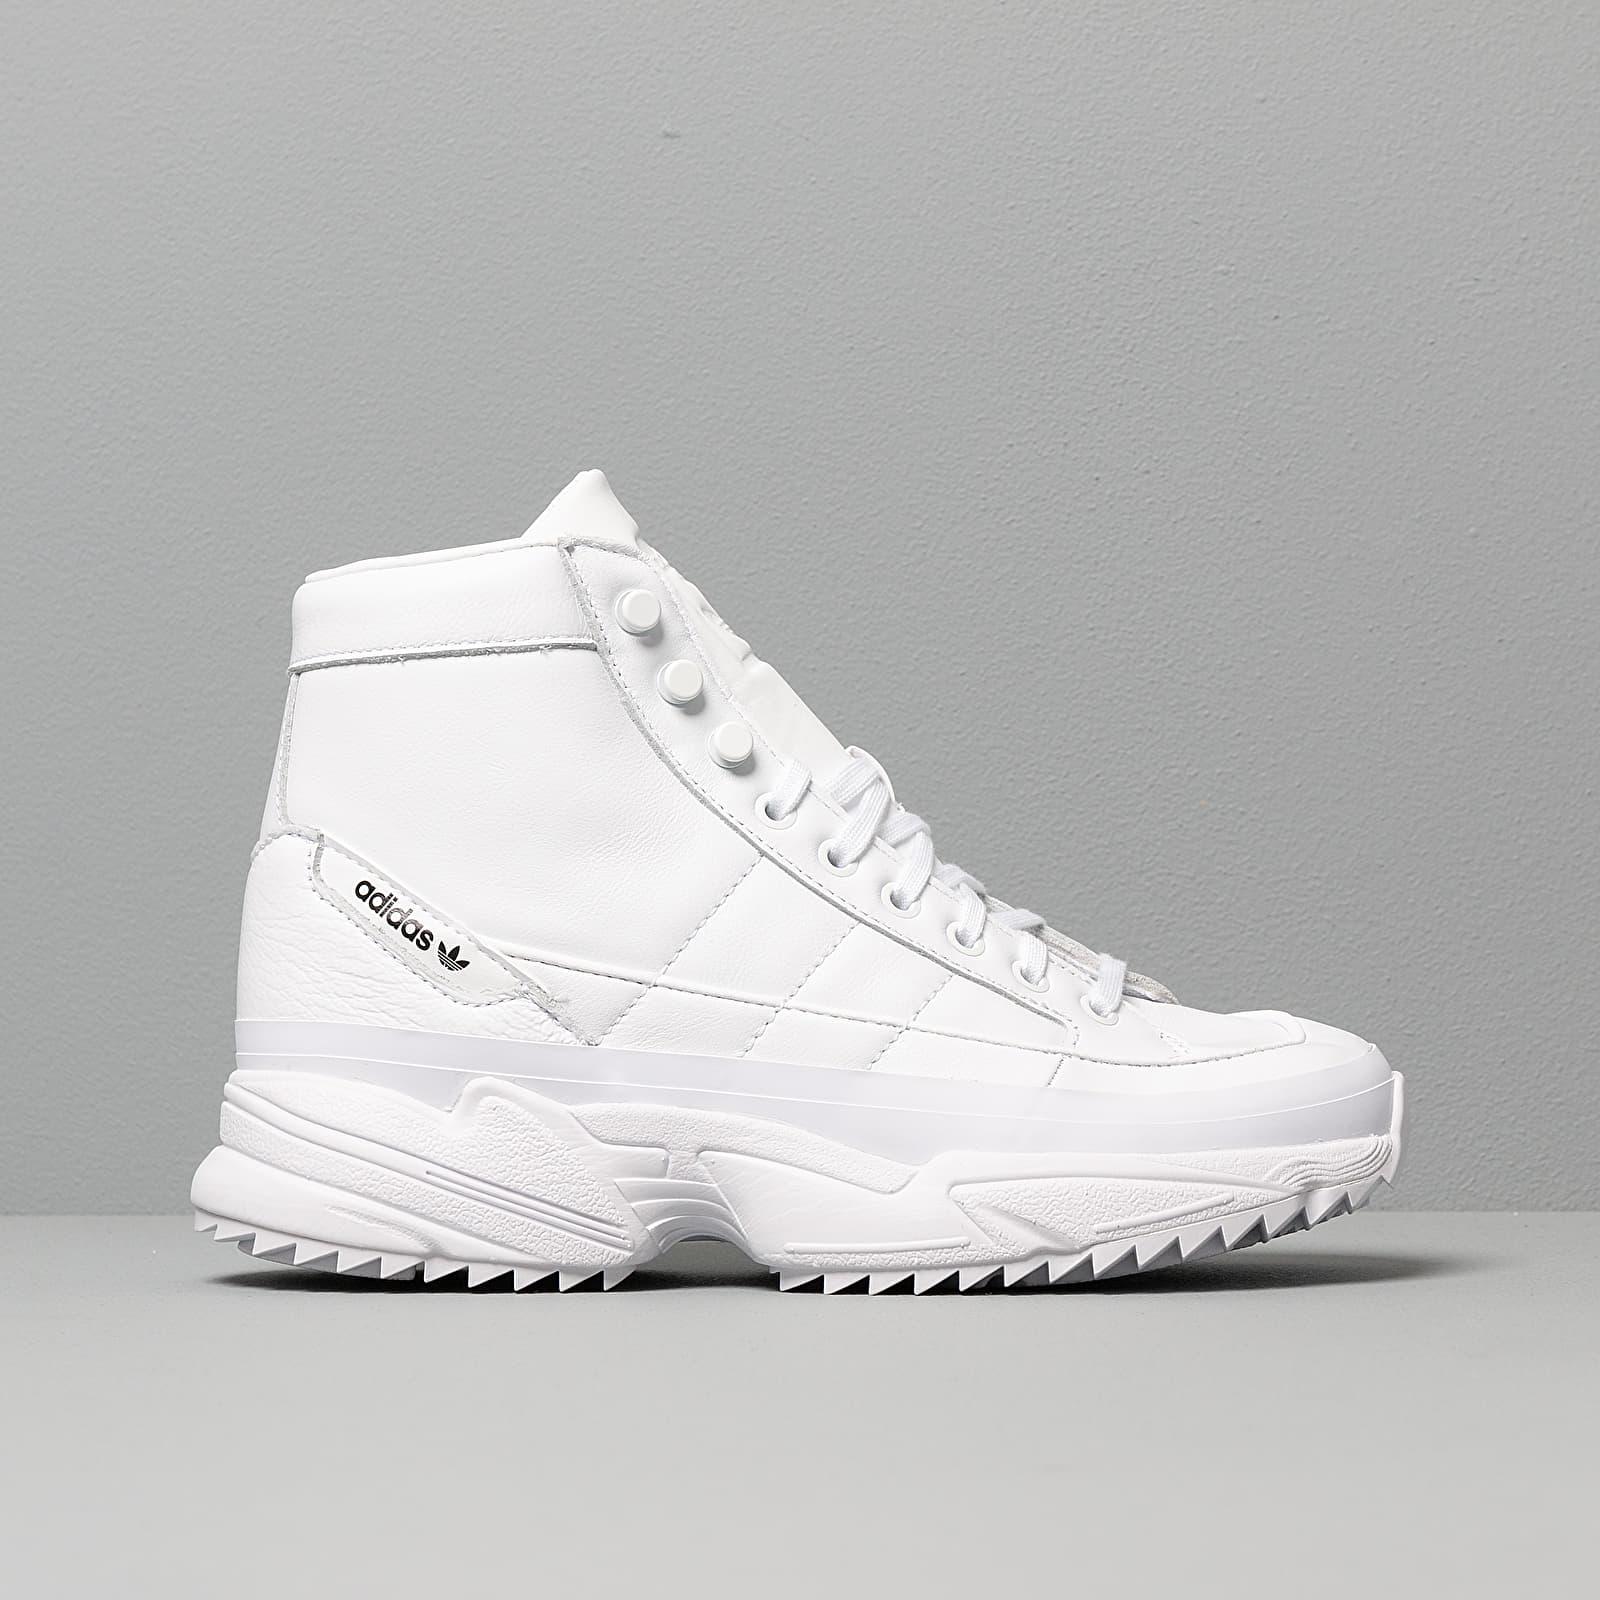 adidas Kiellor Xtra W Ftw White Ftw White Core Black